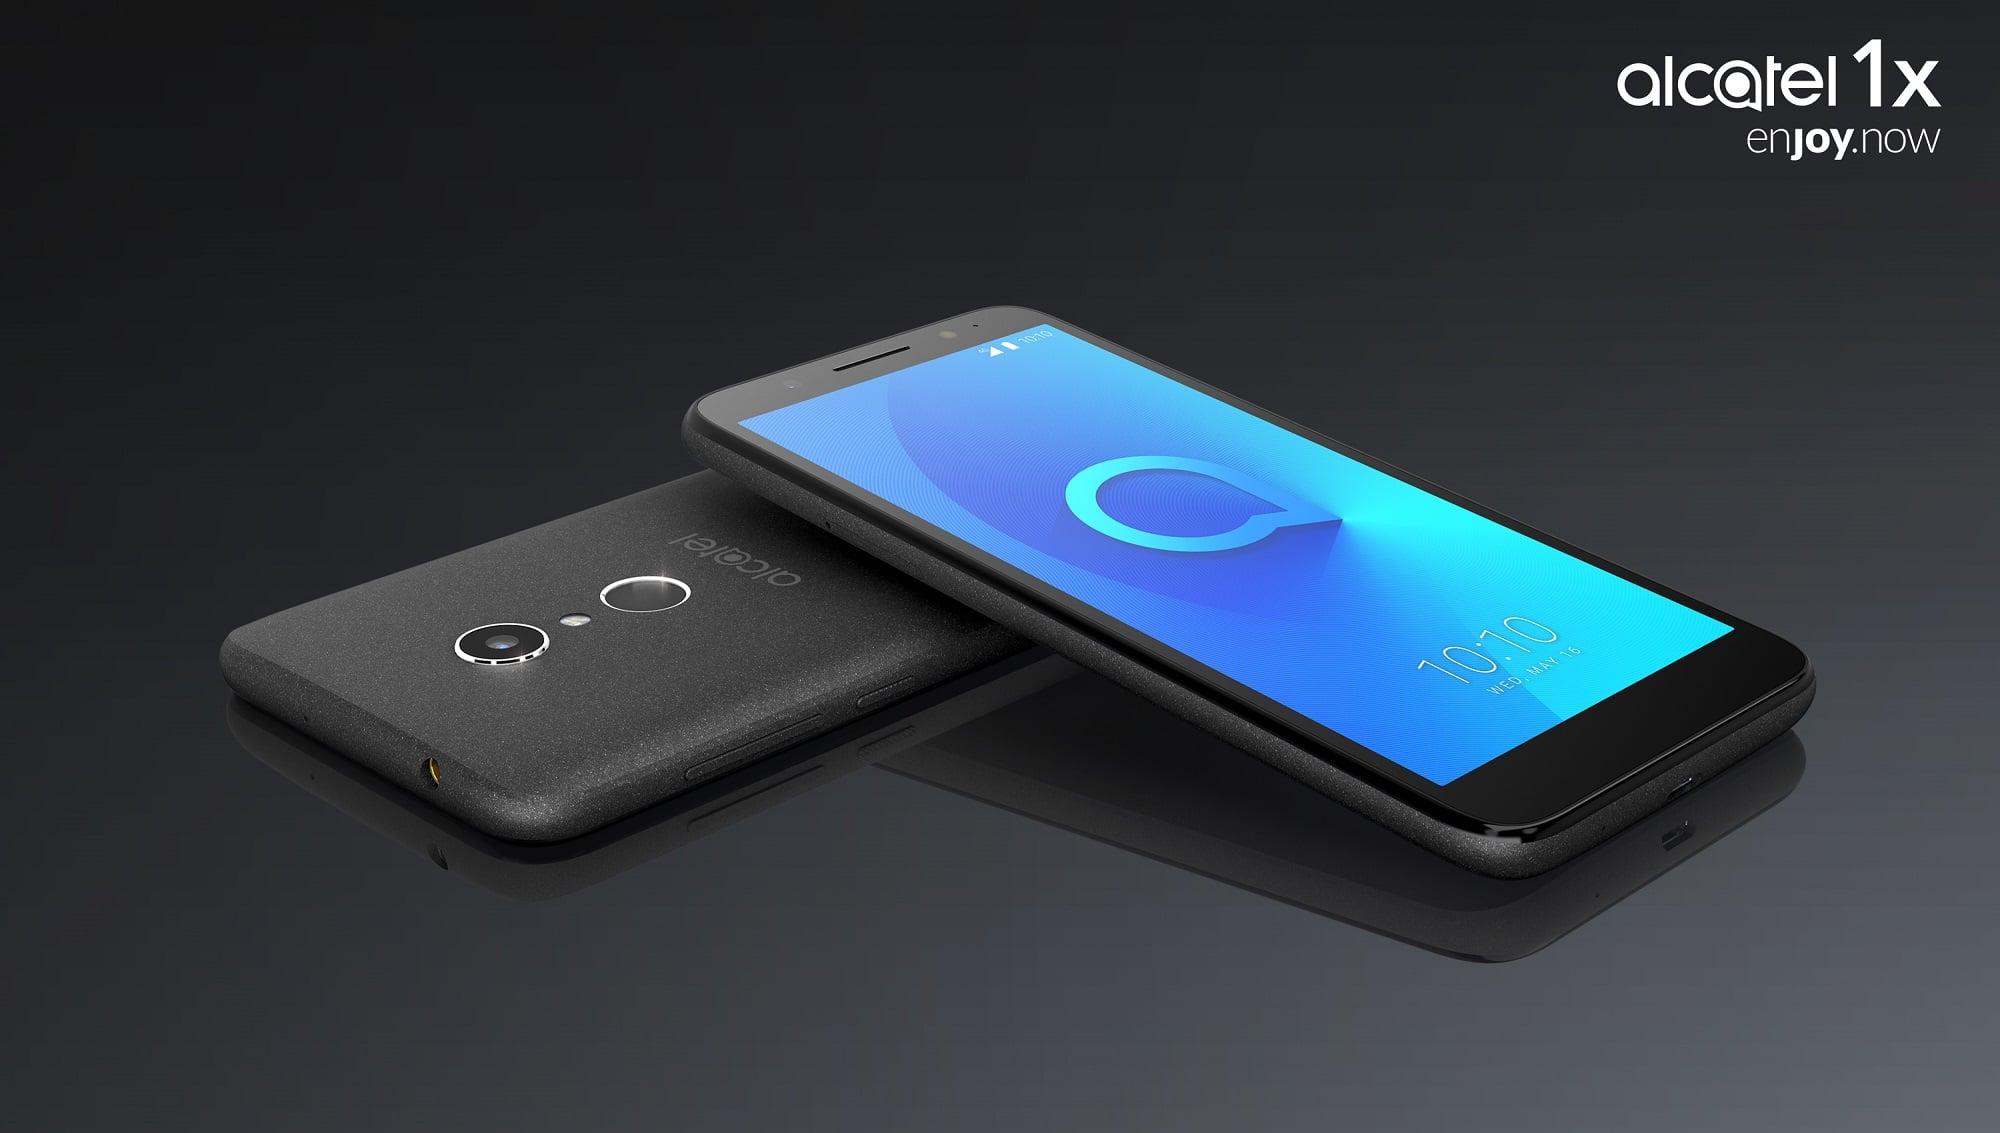 Tabletowo.pl W 2018 roku Alcatel zaoferuje trzy serie - Alcatel 5, 3 oraz 1 - i dla każdego przygotuje coś odpowiedniego Alcatel Android CES 2018 Smartfony